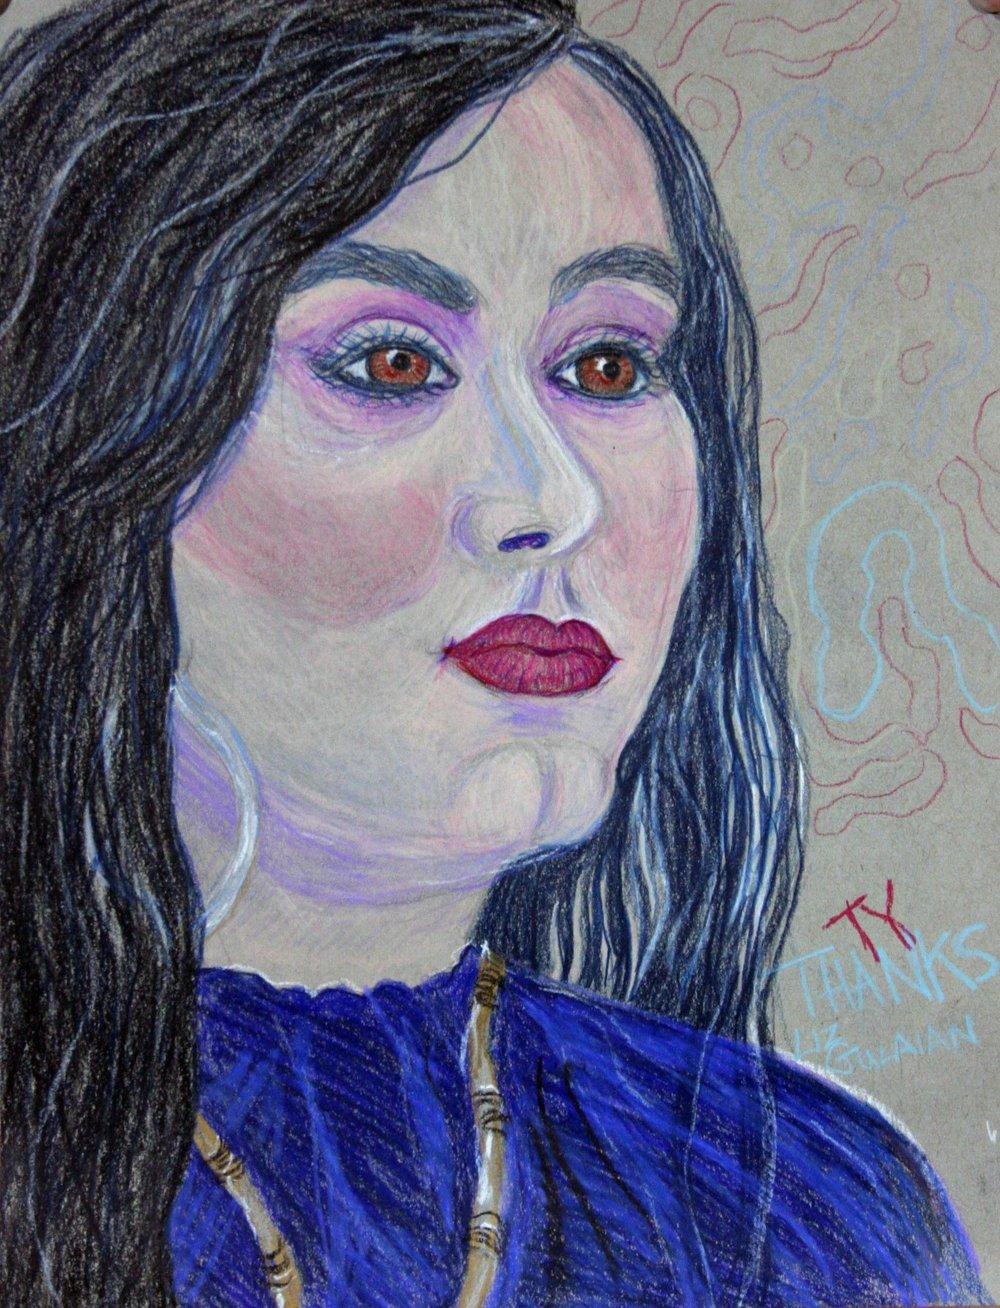 Liz Gulaian did this pastel drawing.